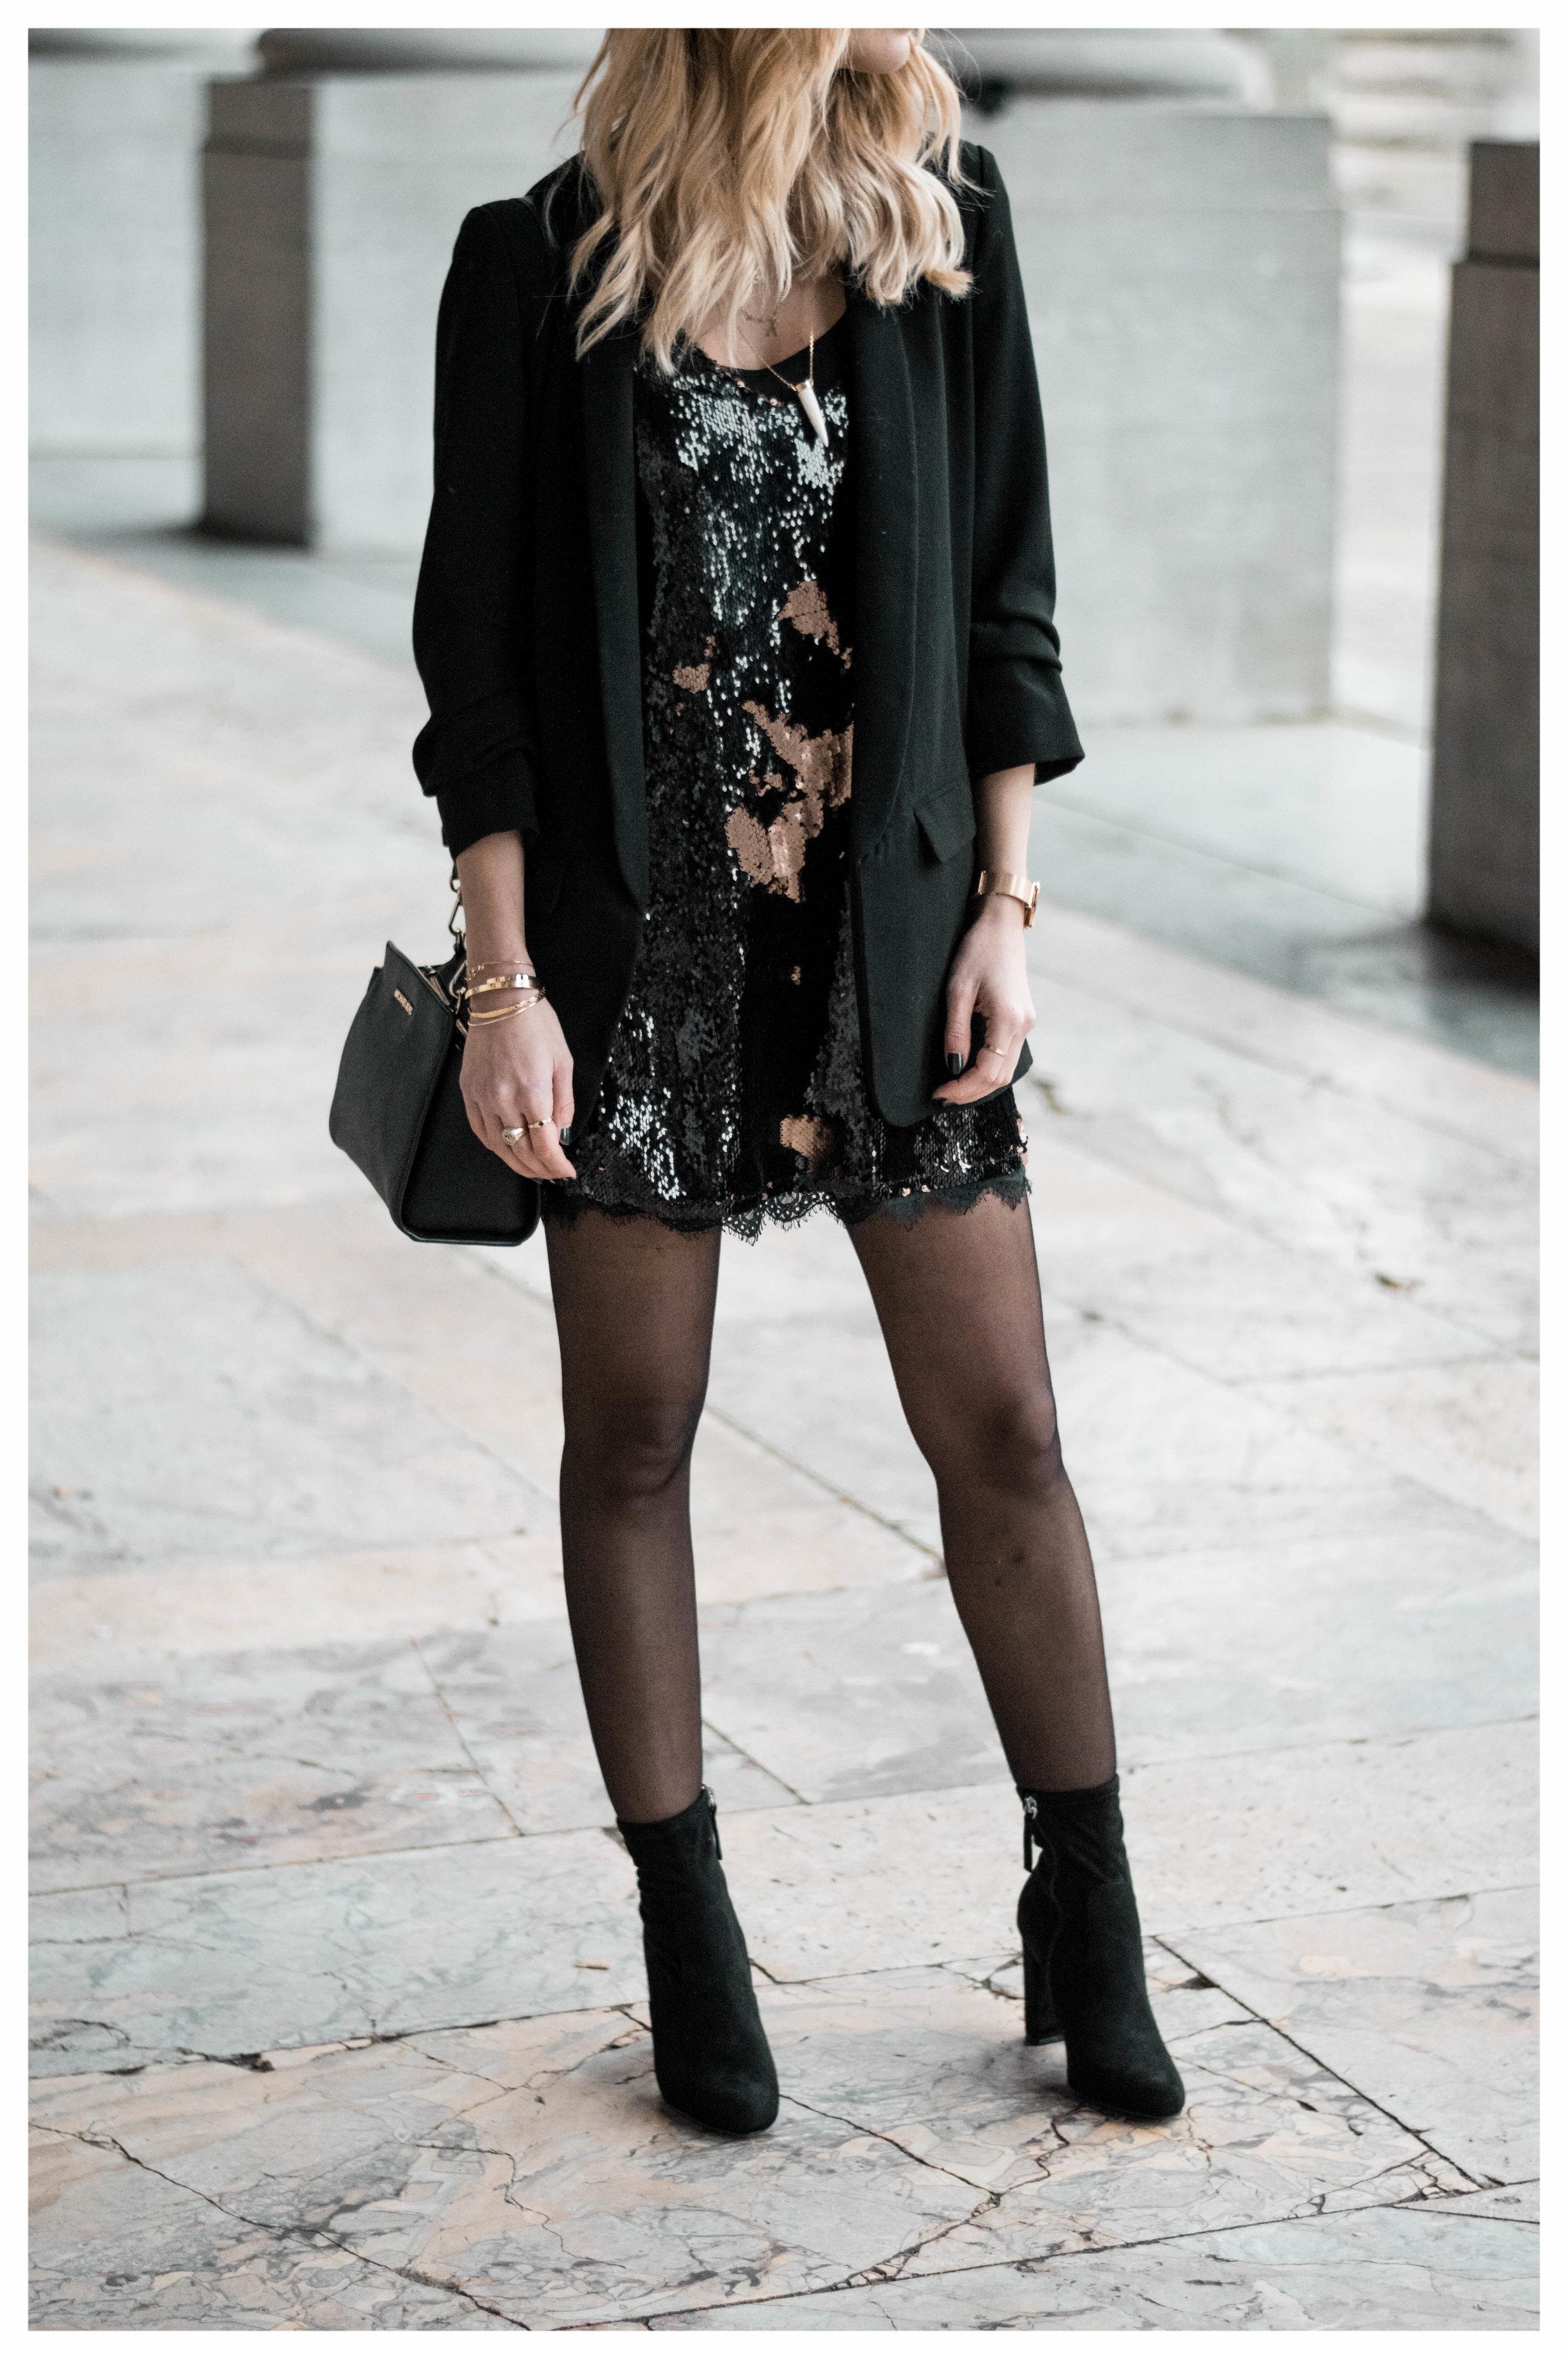 Party Dress Zalando - OSIARAH.COM (5 sur 41).jpg